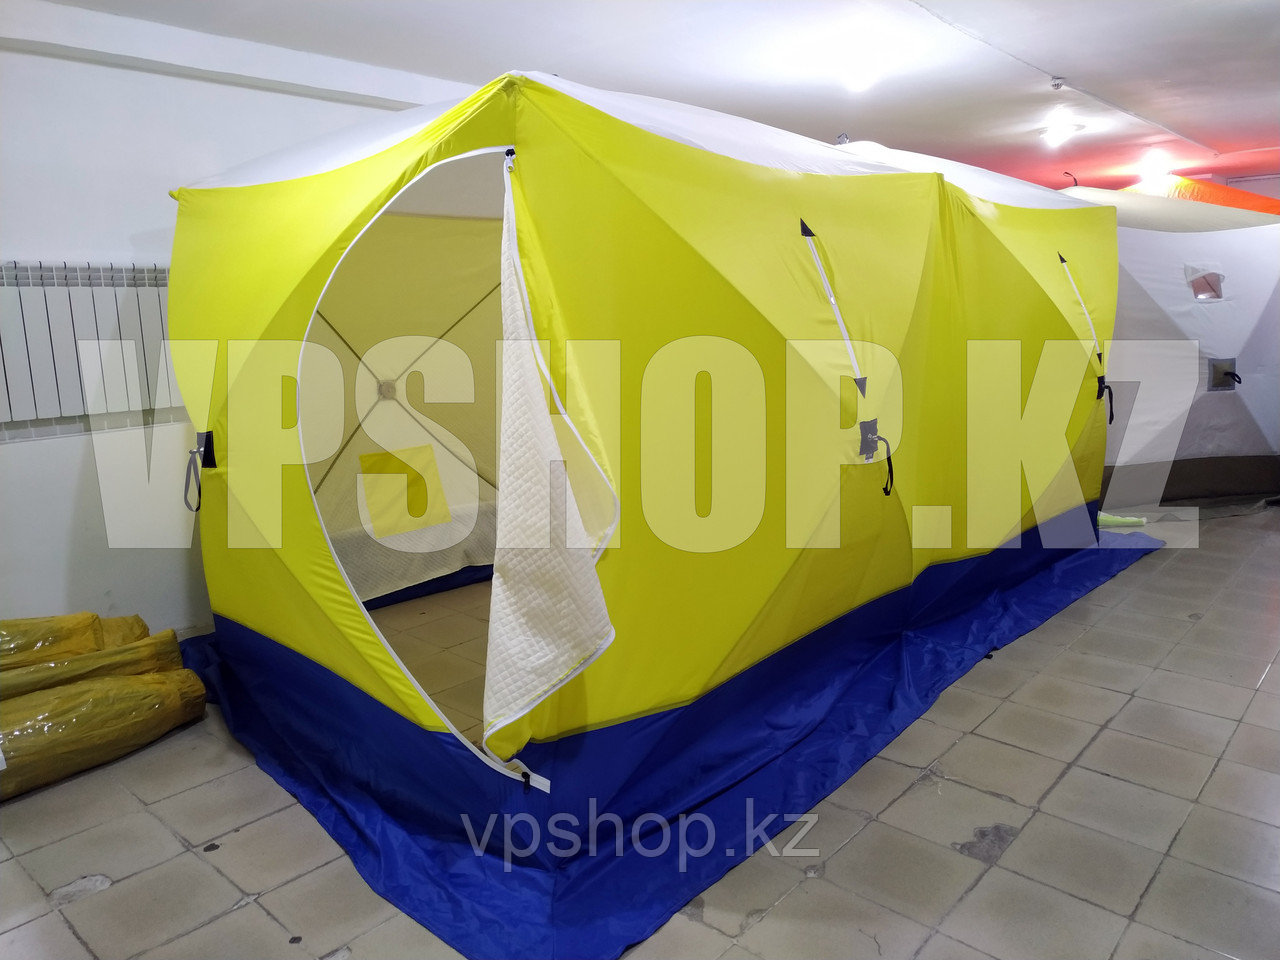 Палатка Двойной КУБ СТЭК-Дубль 420х220 на синтепоне утепленная